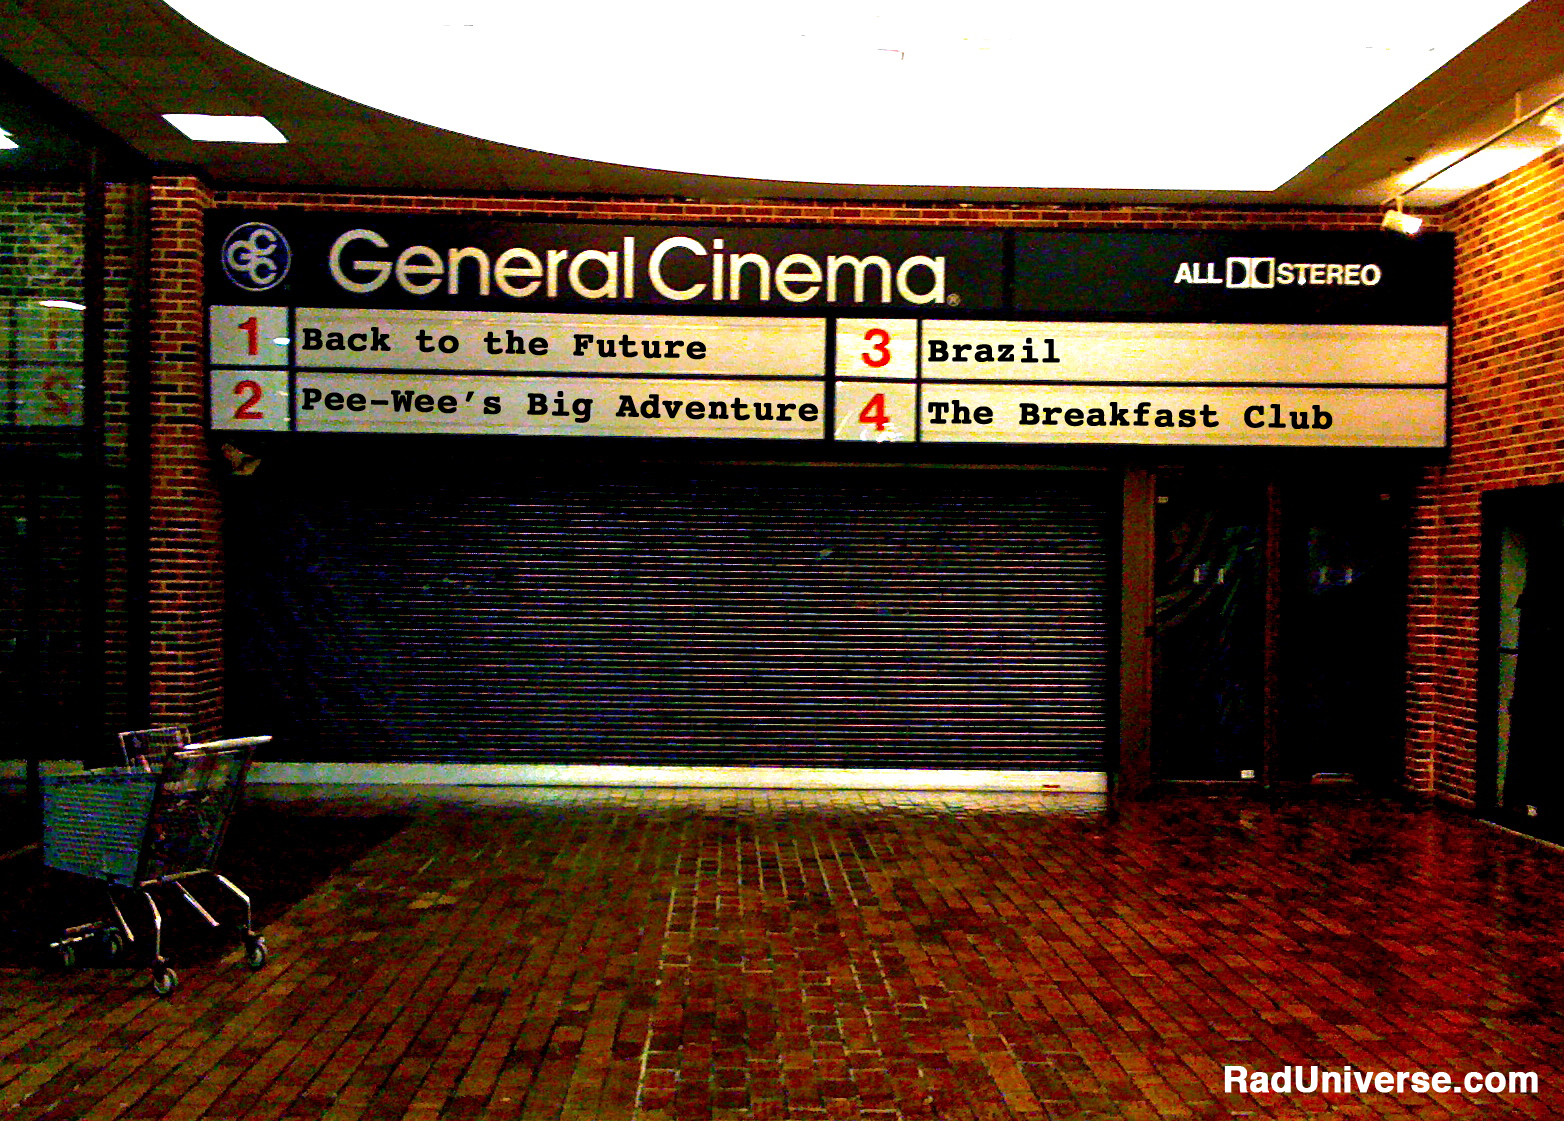 General Cinema Rad Universe